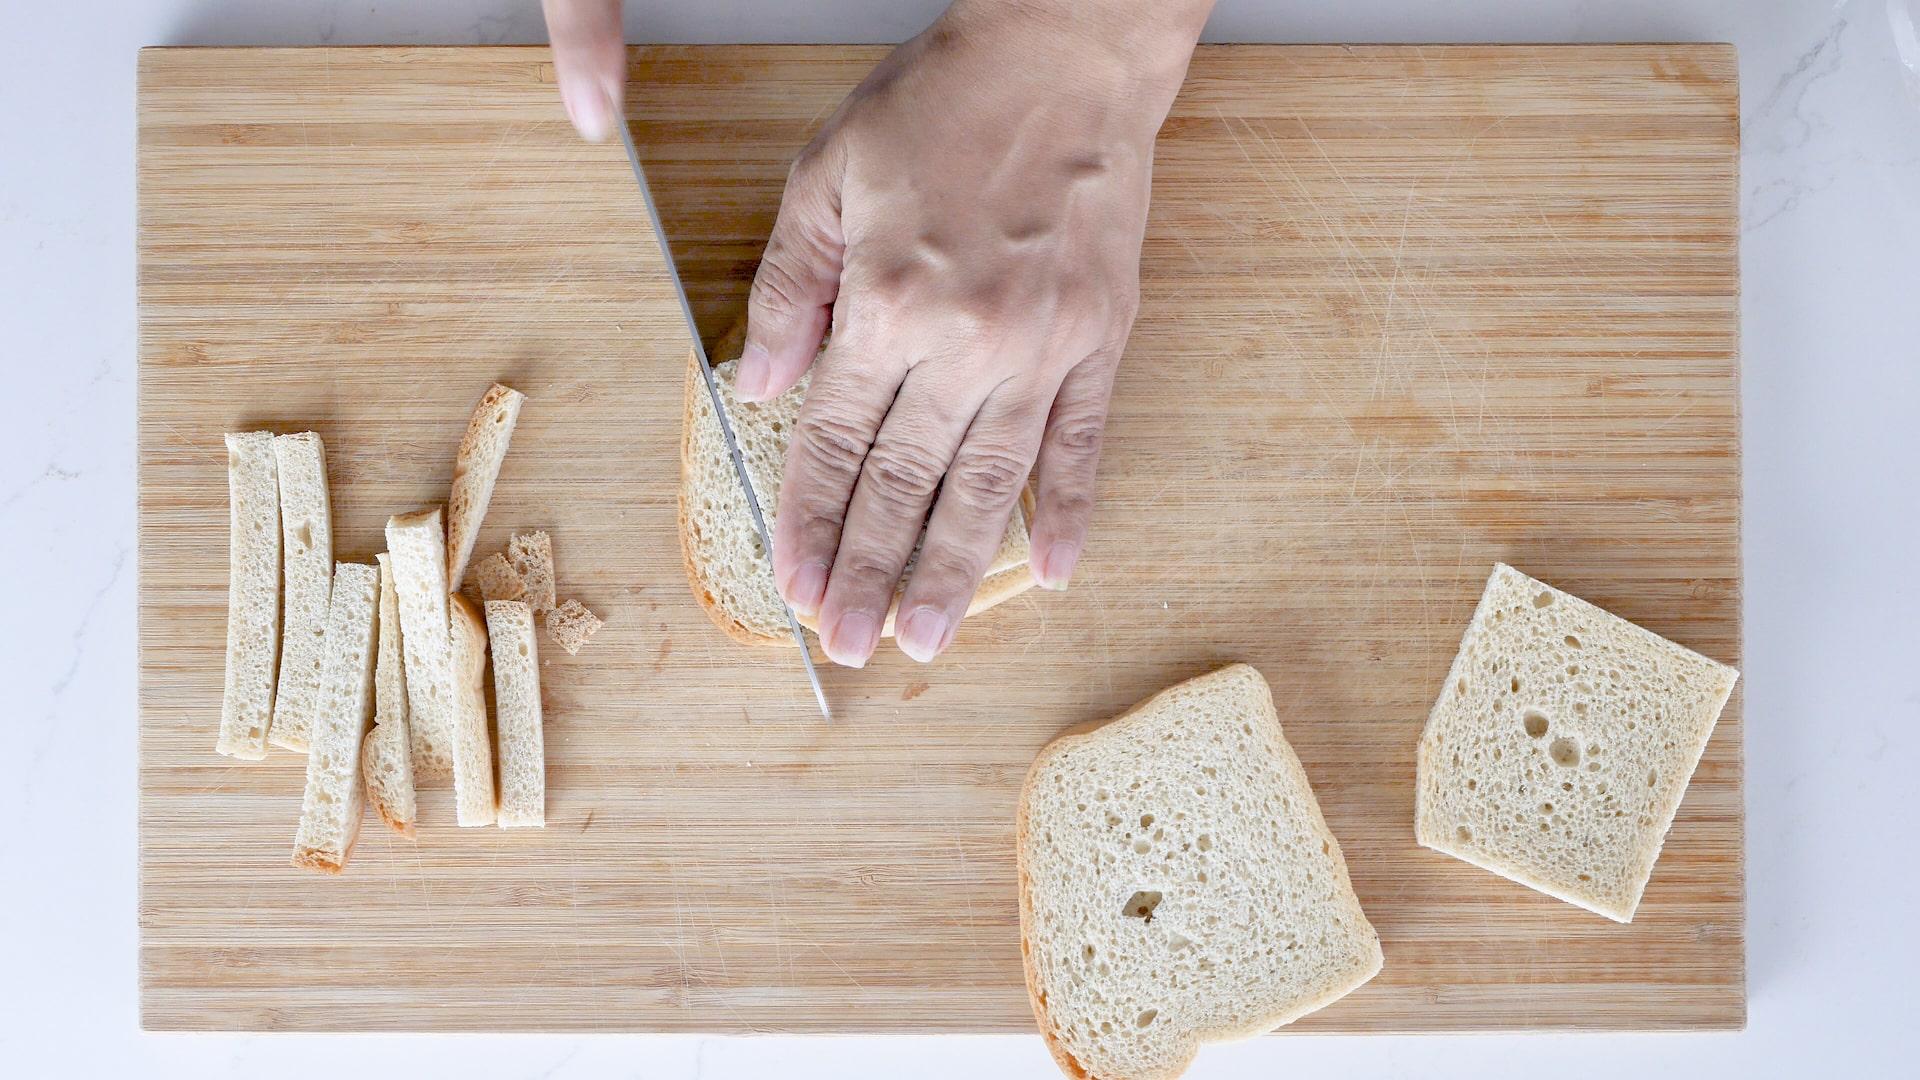 Preparar el pan